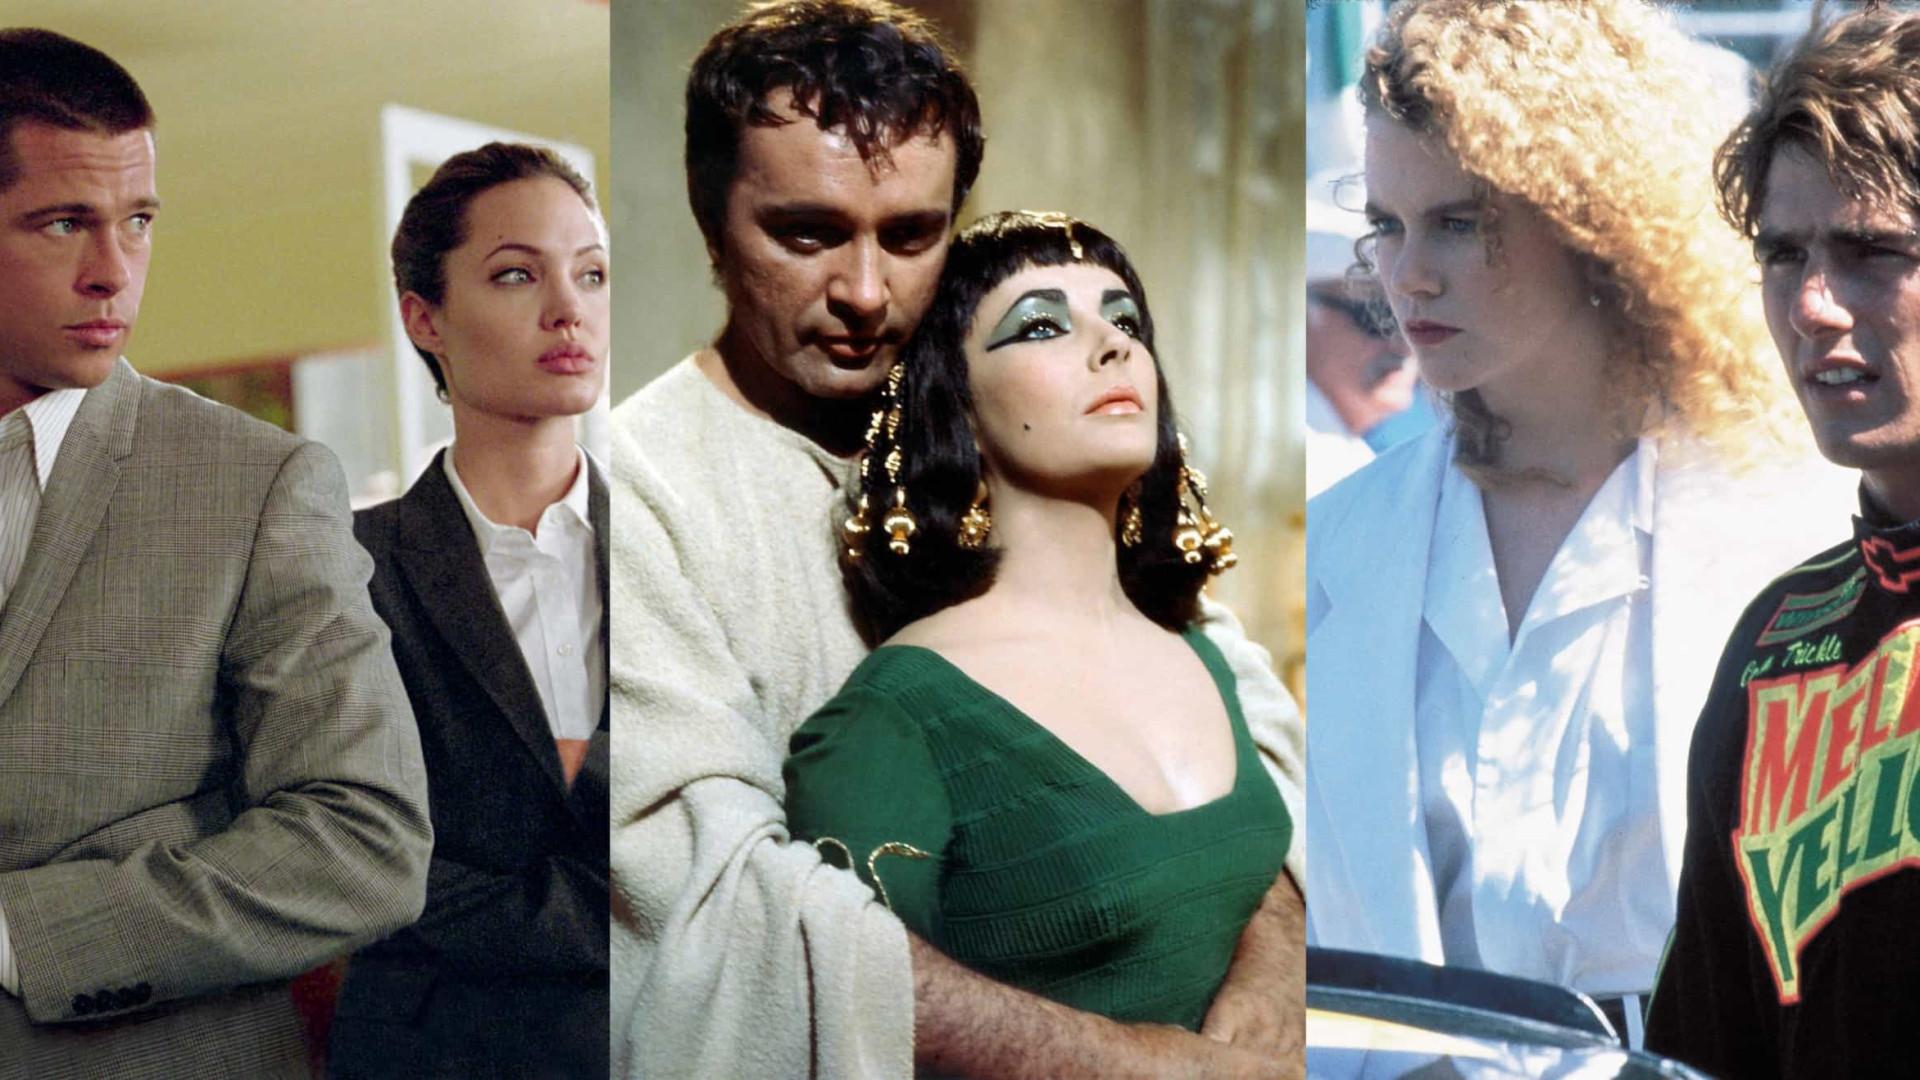 Filmes que arruinaram casamentos da vida real